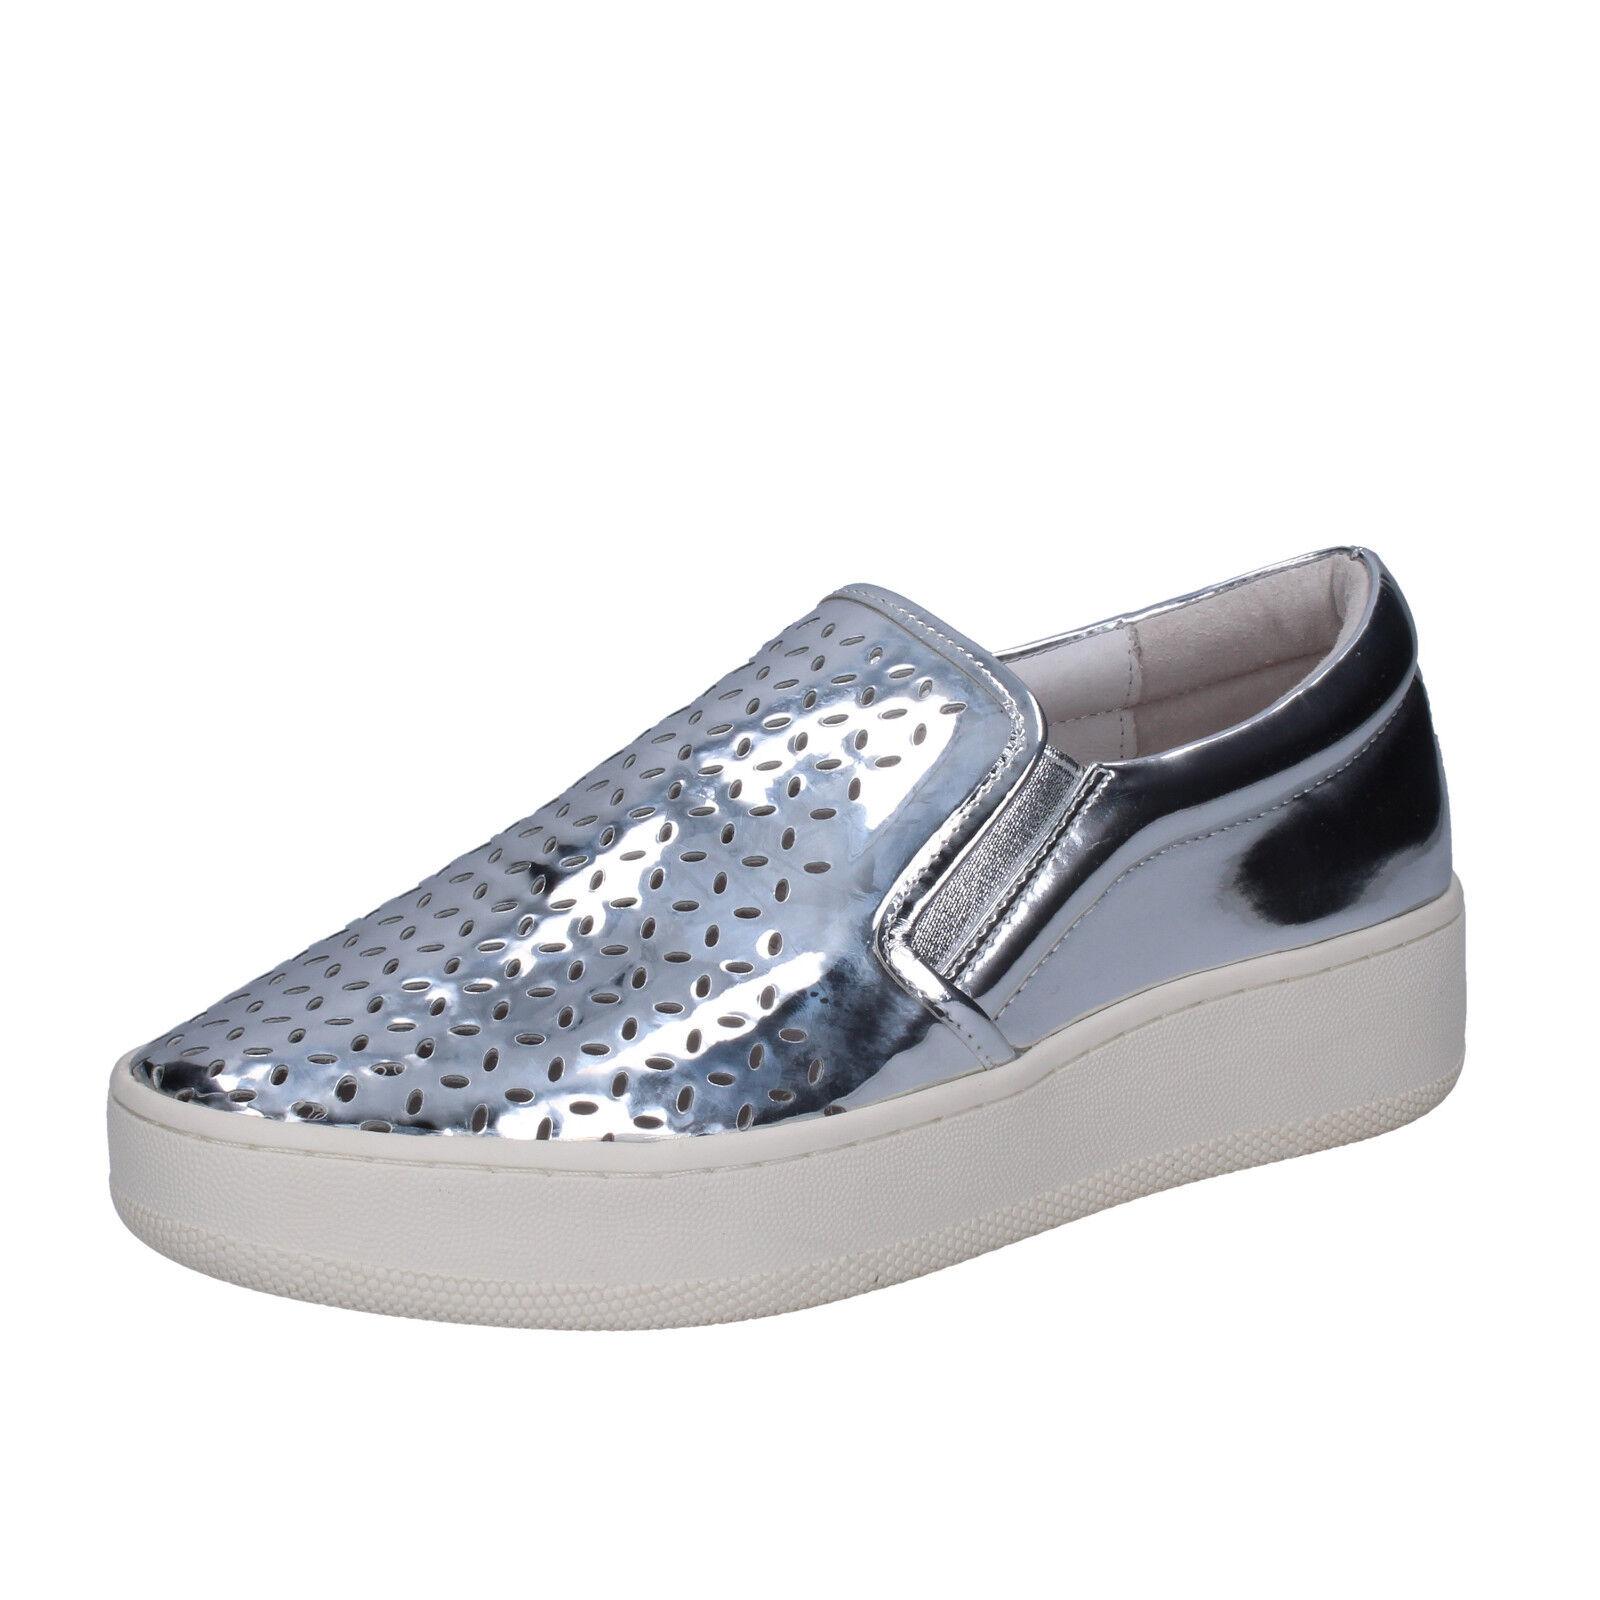 Scarpe donna UMA PARKER 41 EU slip slip slip on on slip argento pelle BT564 41   8c0783